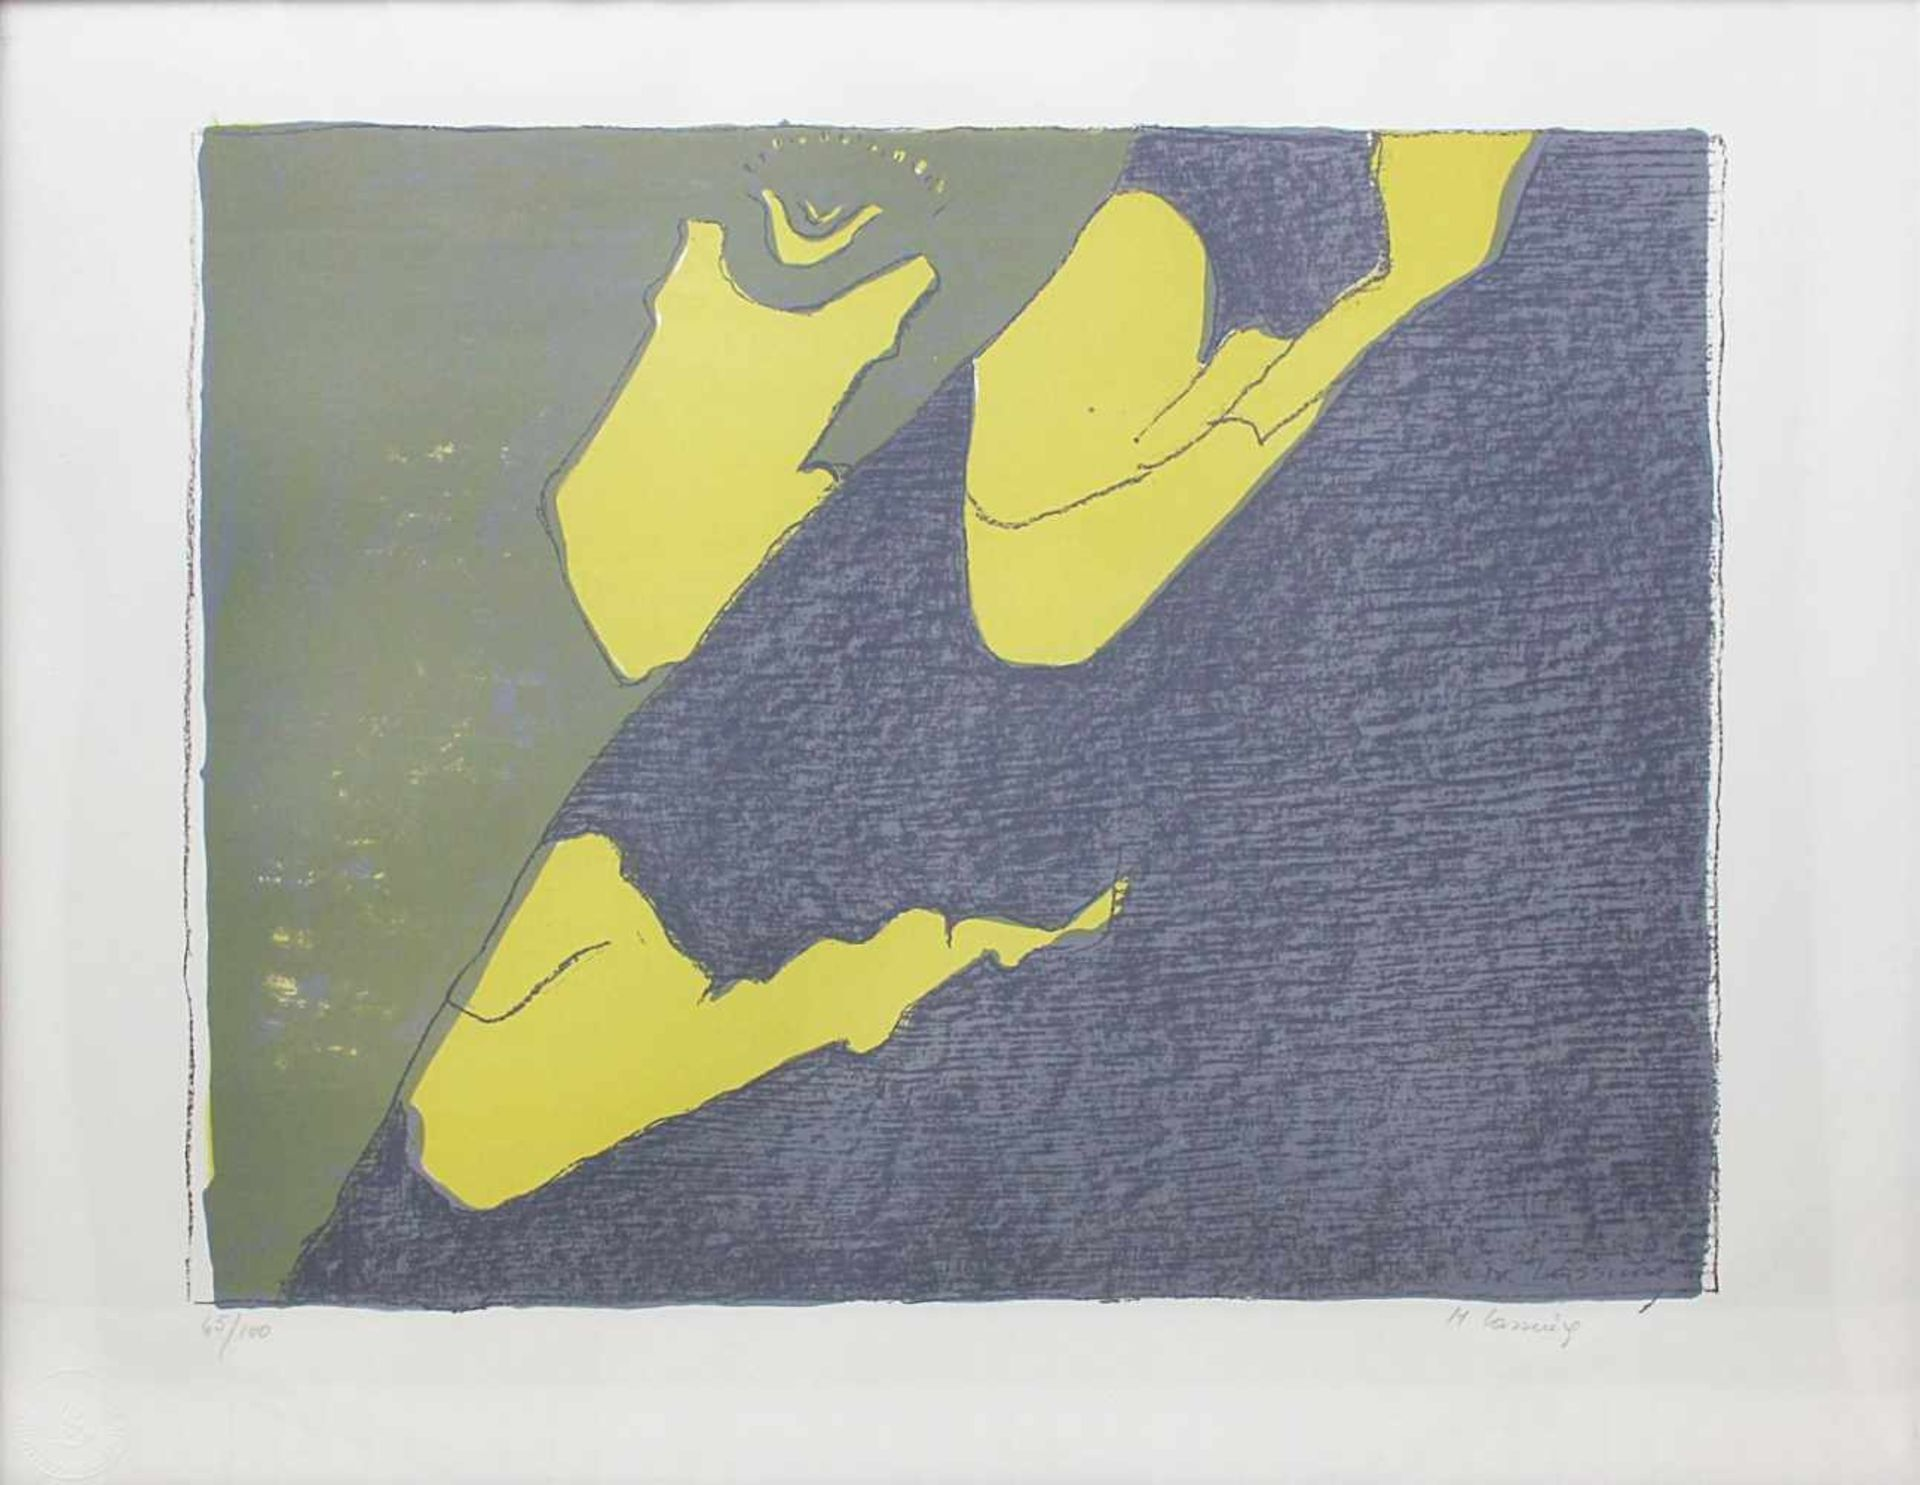 Maria Lassnig 1919-2014 o.T. 1980 Farblithographie handsigniert und nummeriert 65/100 50 x 60 cm